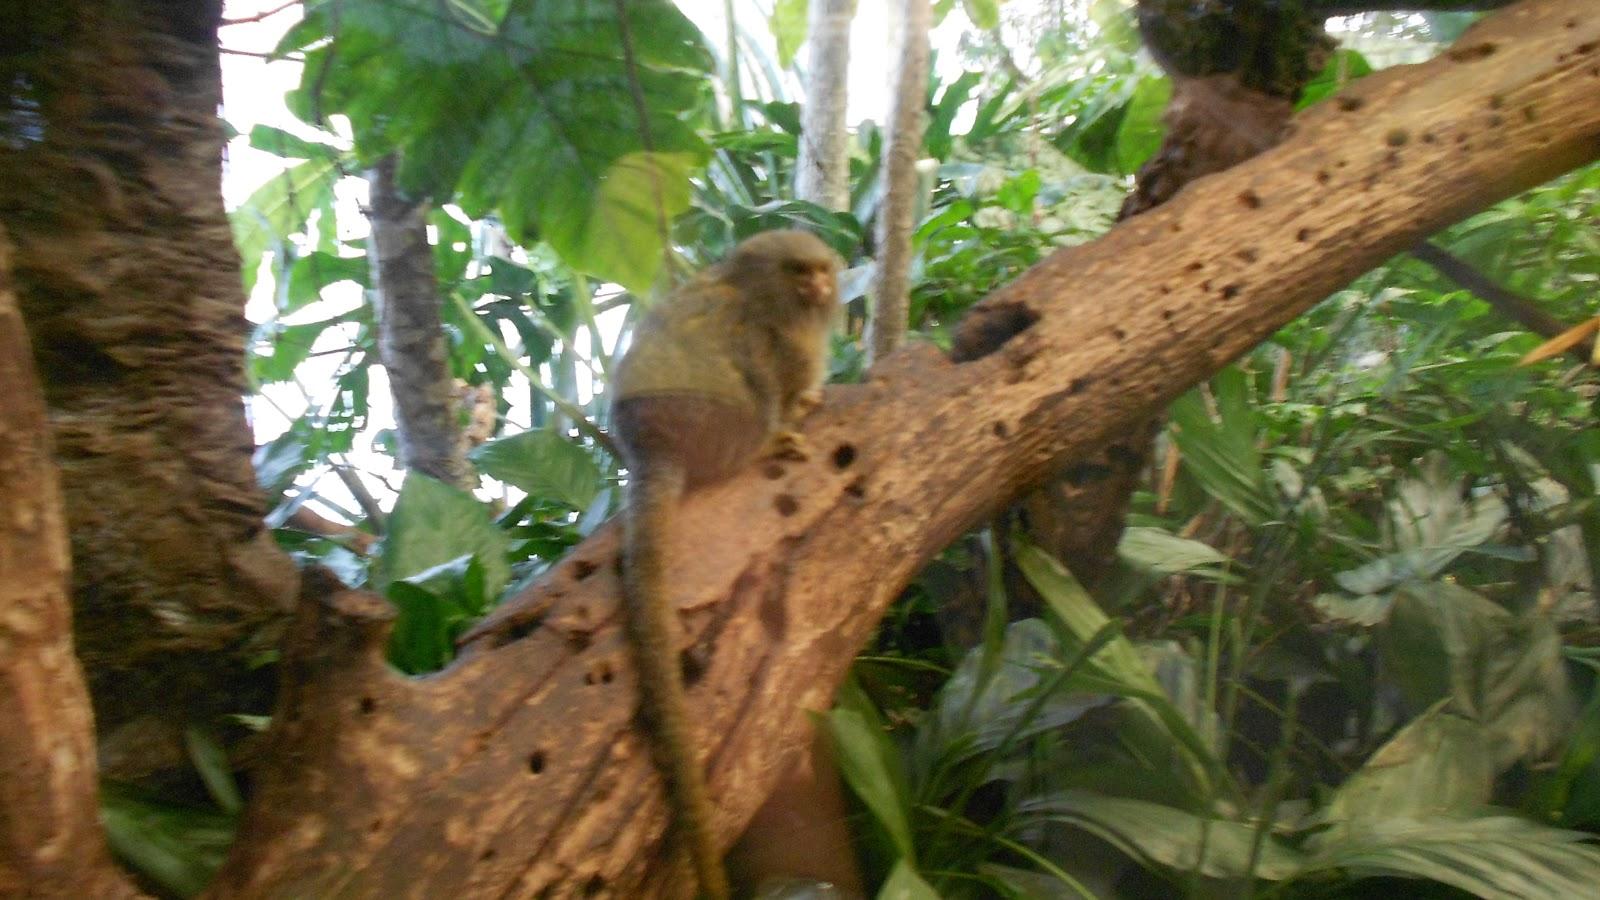 ... Tropical Rainforest Monkeys , Cute Rainforest Animals , Rainforest